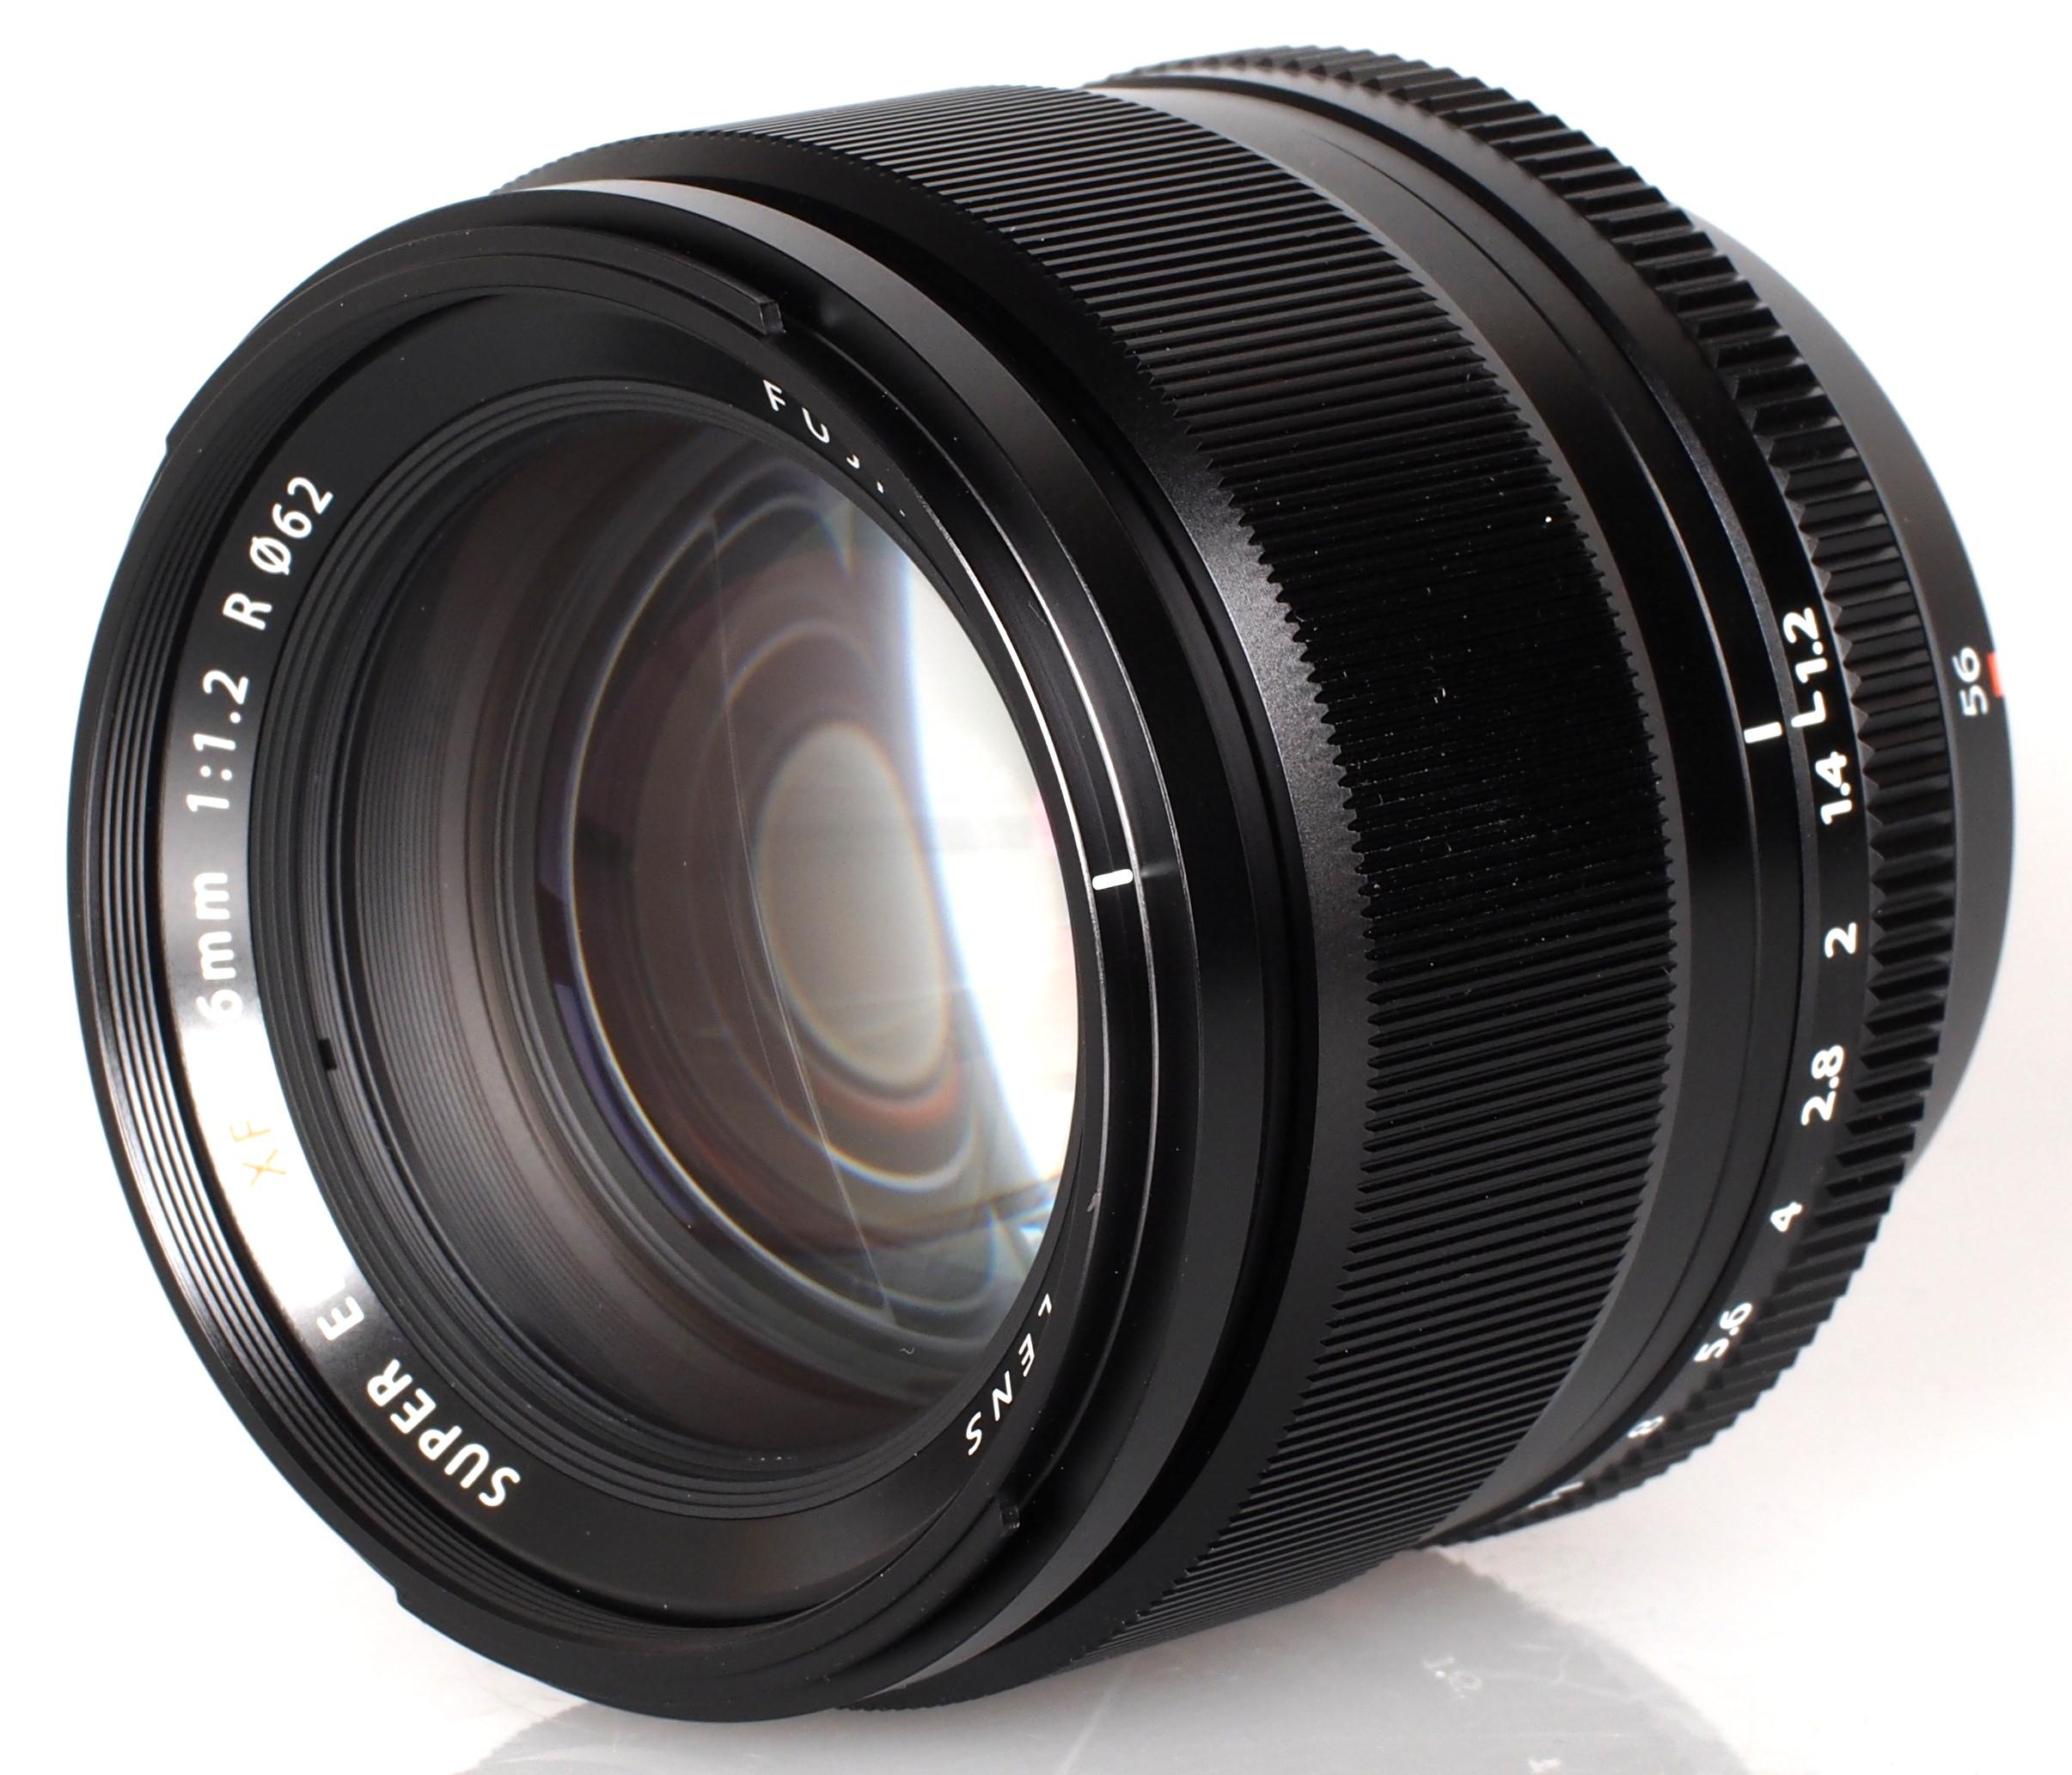 Fuji 56mm 12 Release Date Film Izle Full Hd Romantik Komedi Fujifilm X T2 Body Only Xf F12 Lens F Black X100s And New Vs